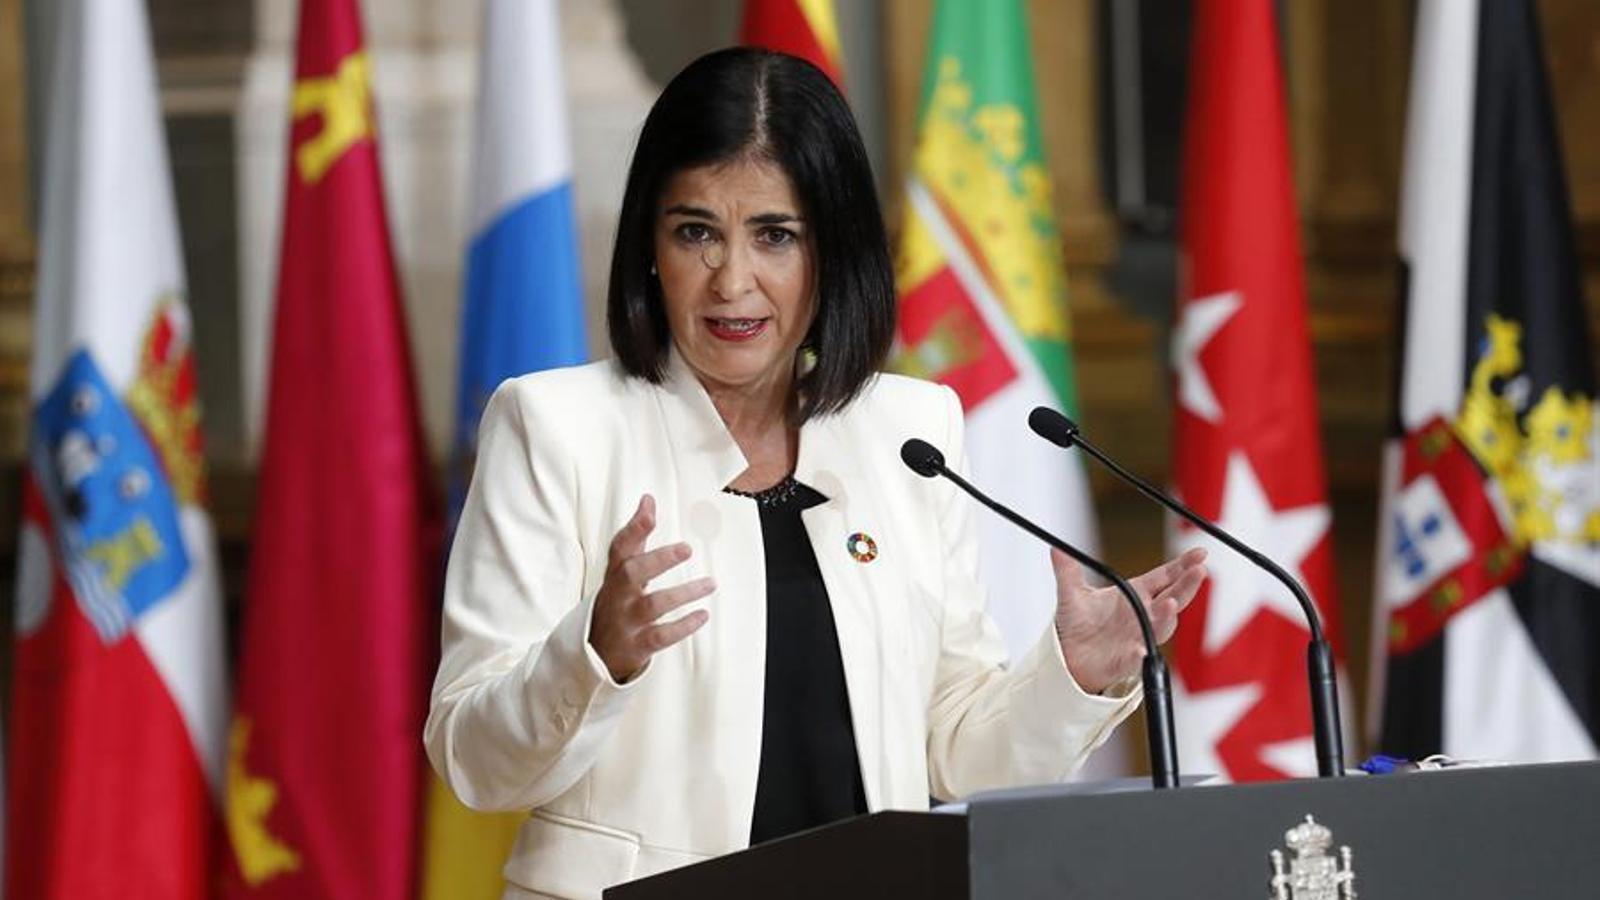 La ministra de Política Territorial i Funció Pública, Carolina Darias, durant la conferència de presidents d'aquest dilluns.